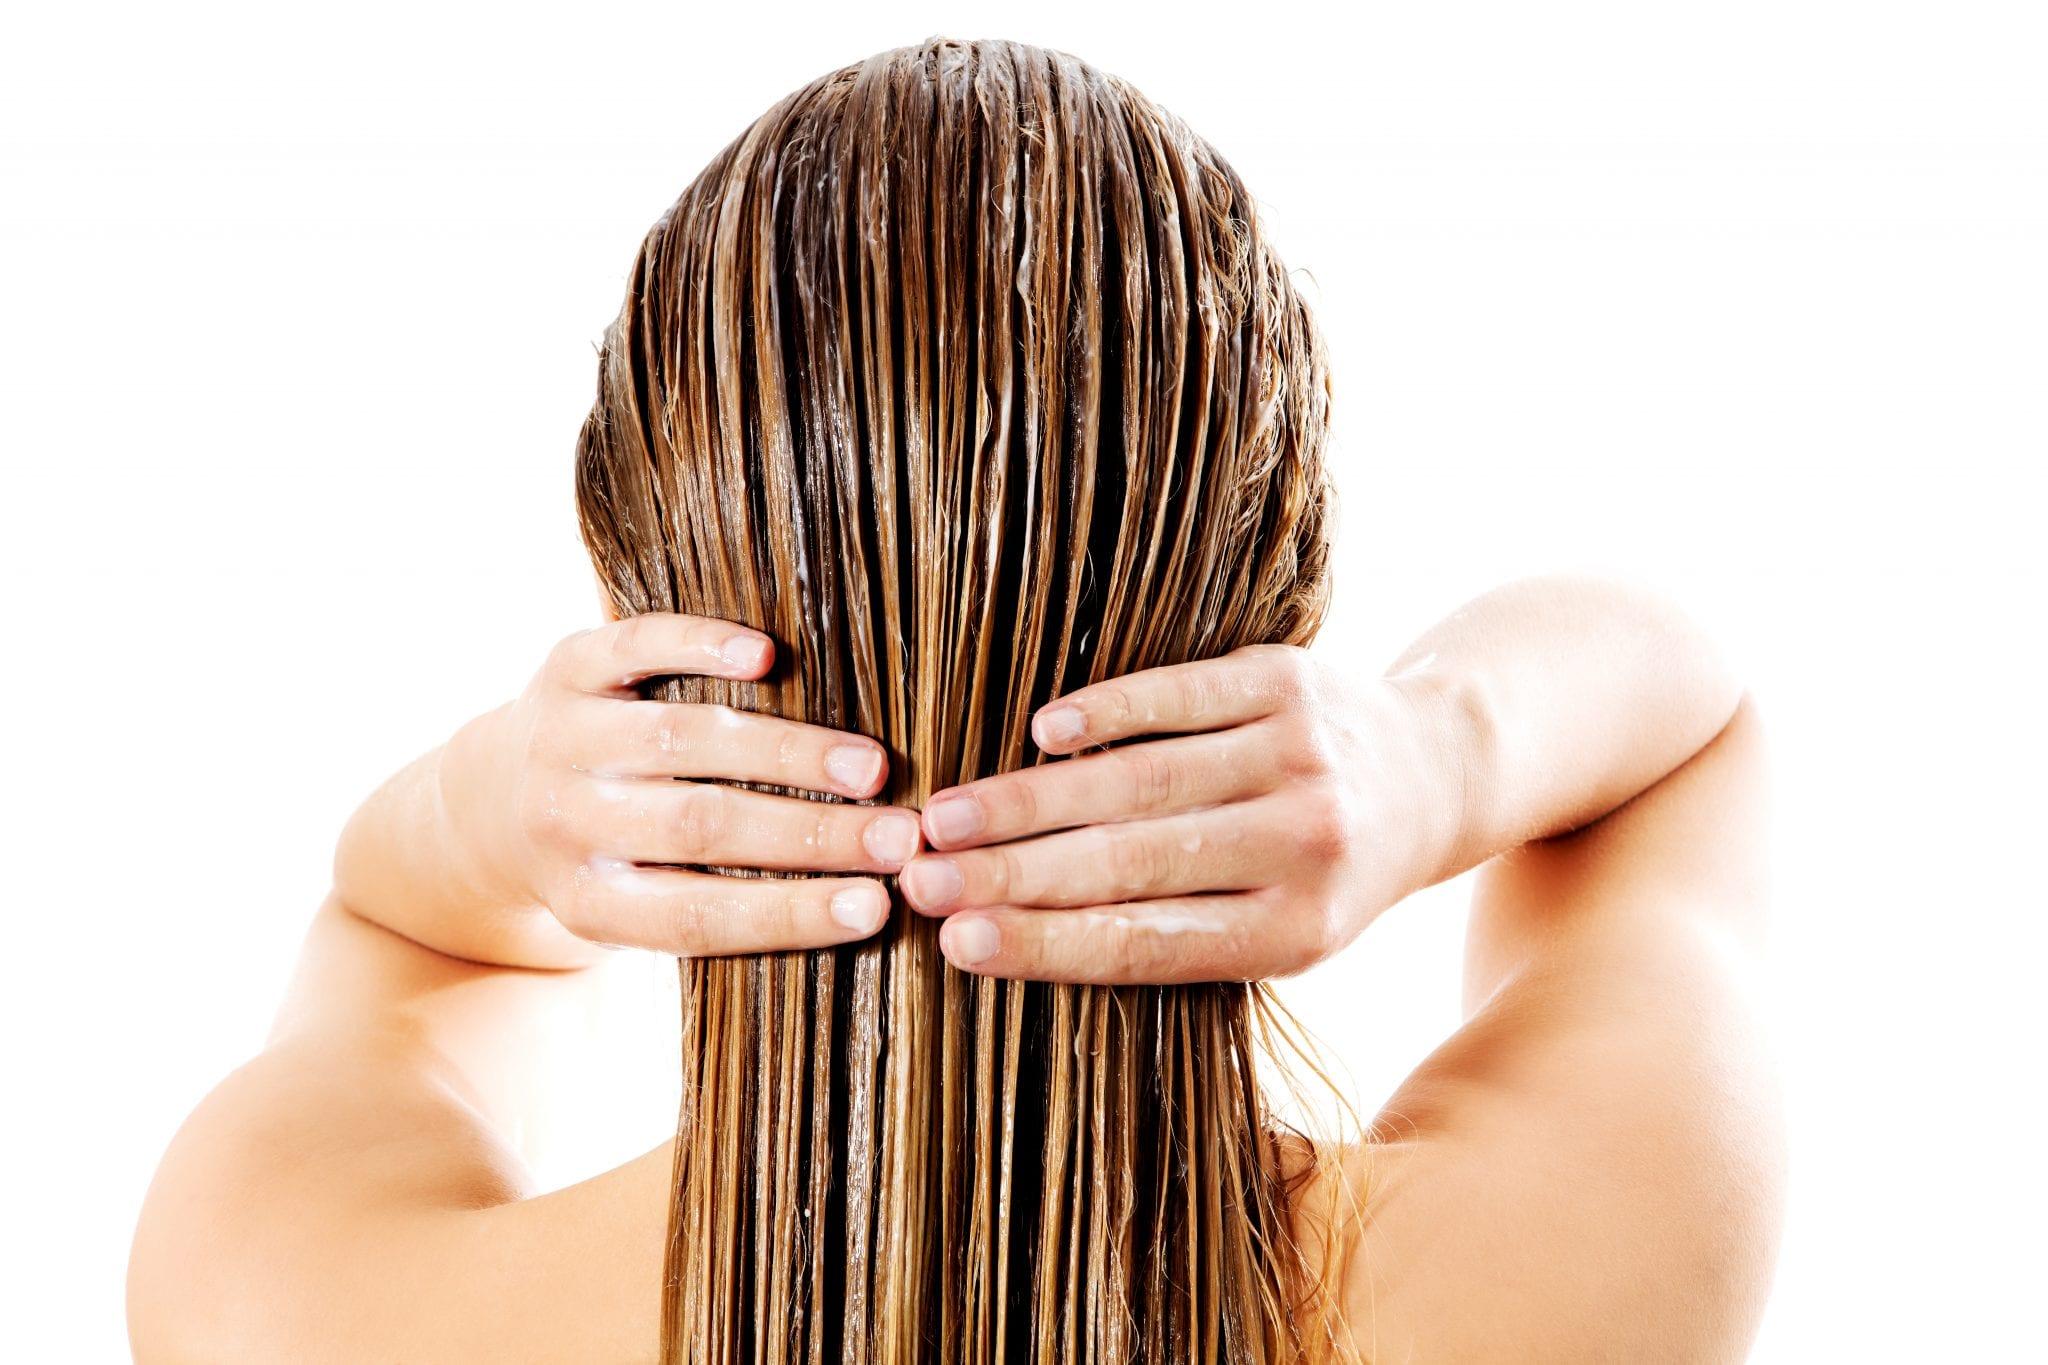 Lassen haare ausfetten Haare ausfetten